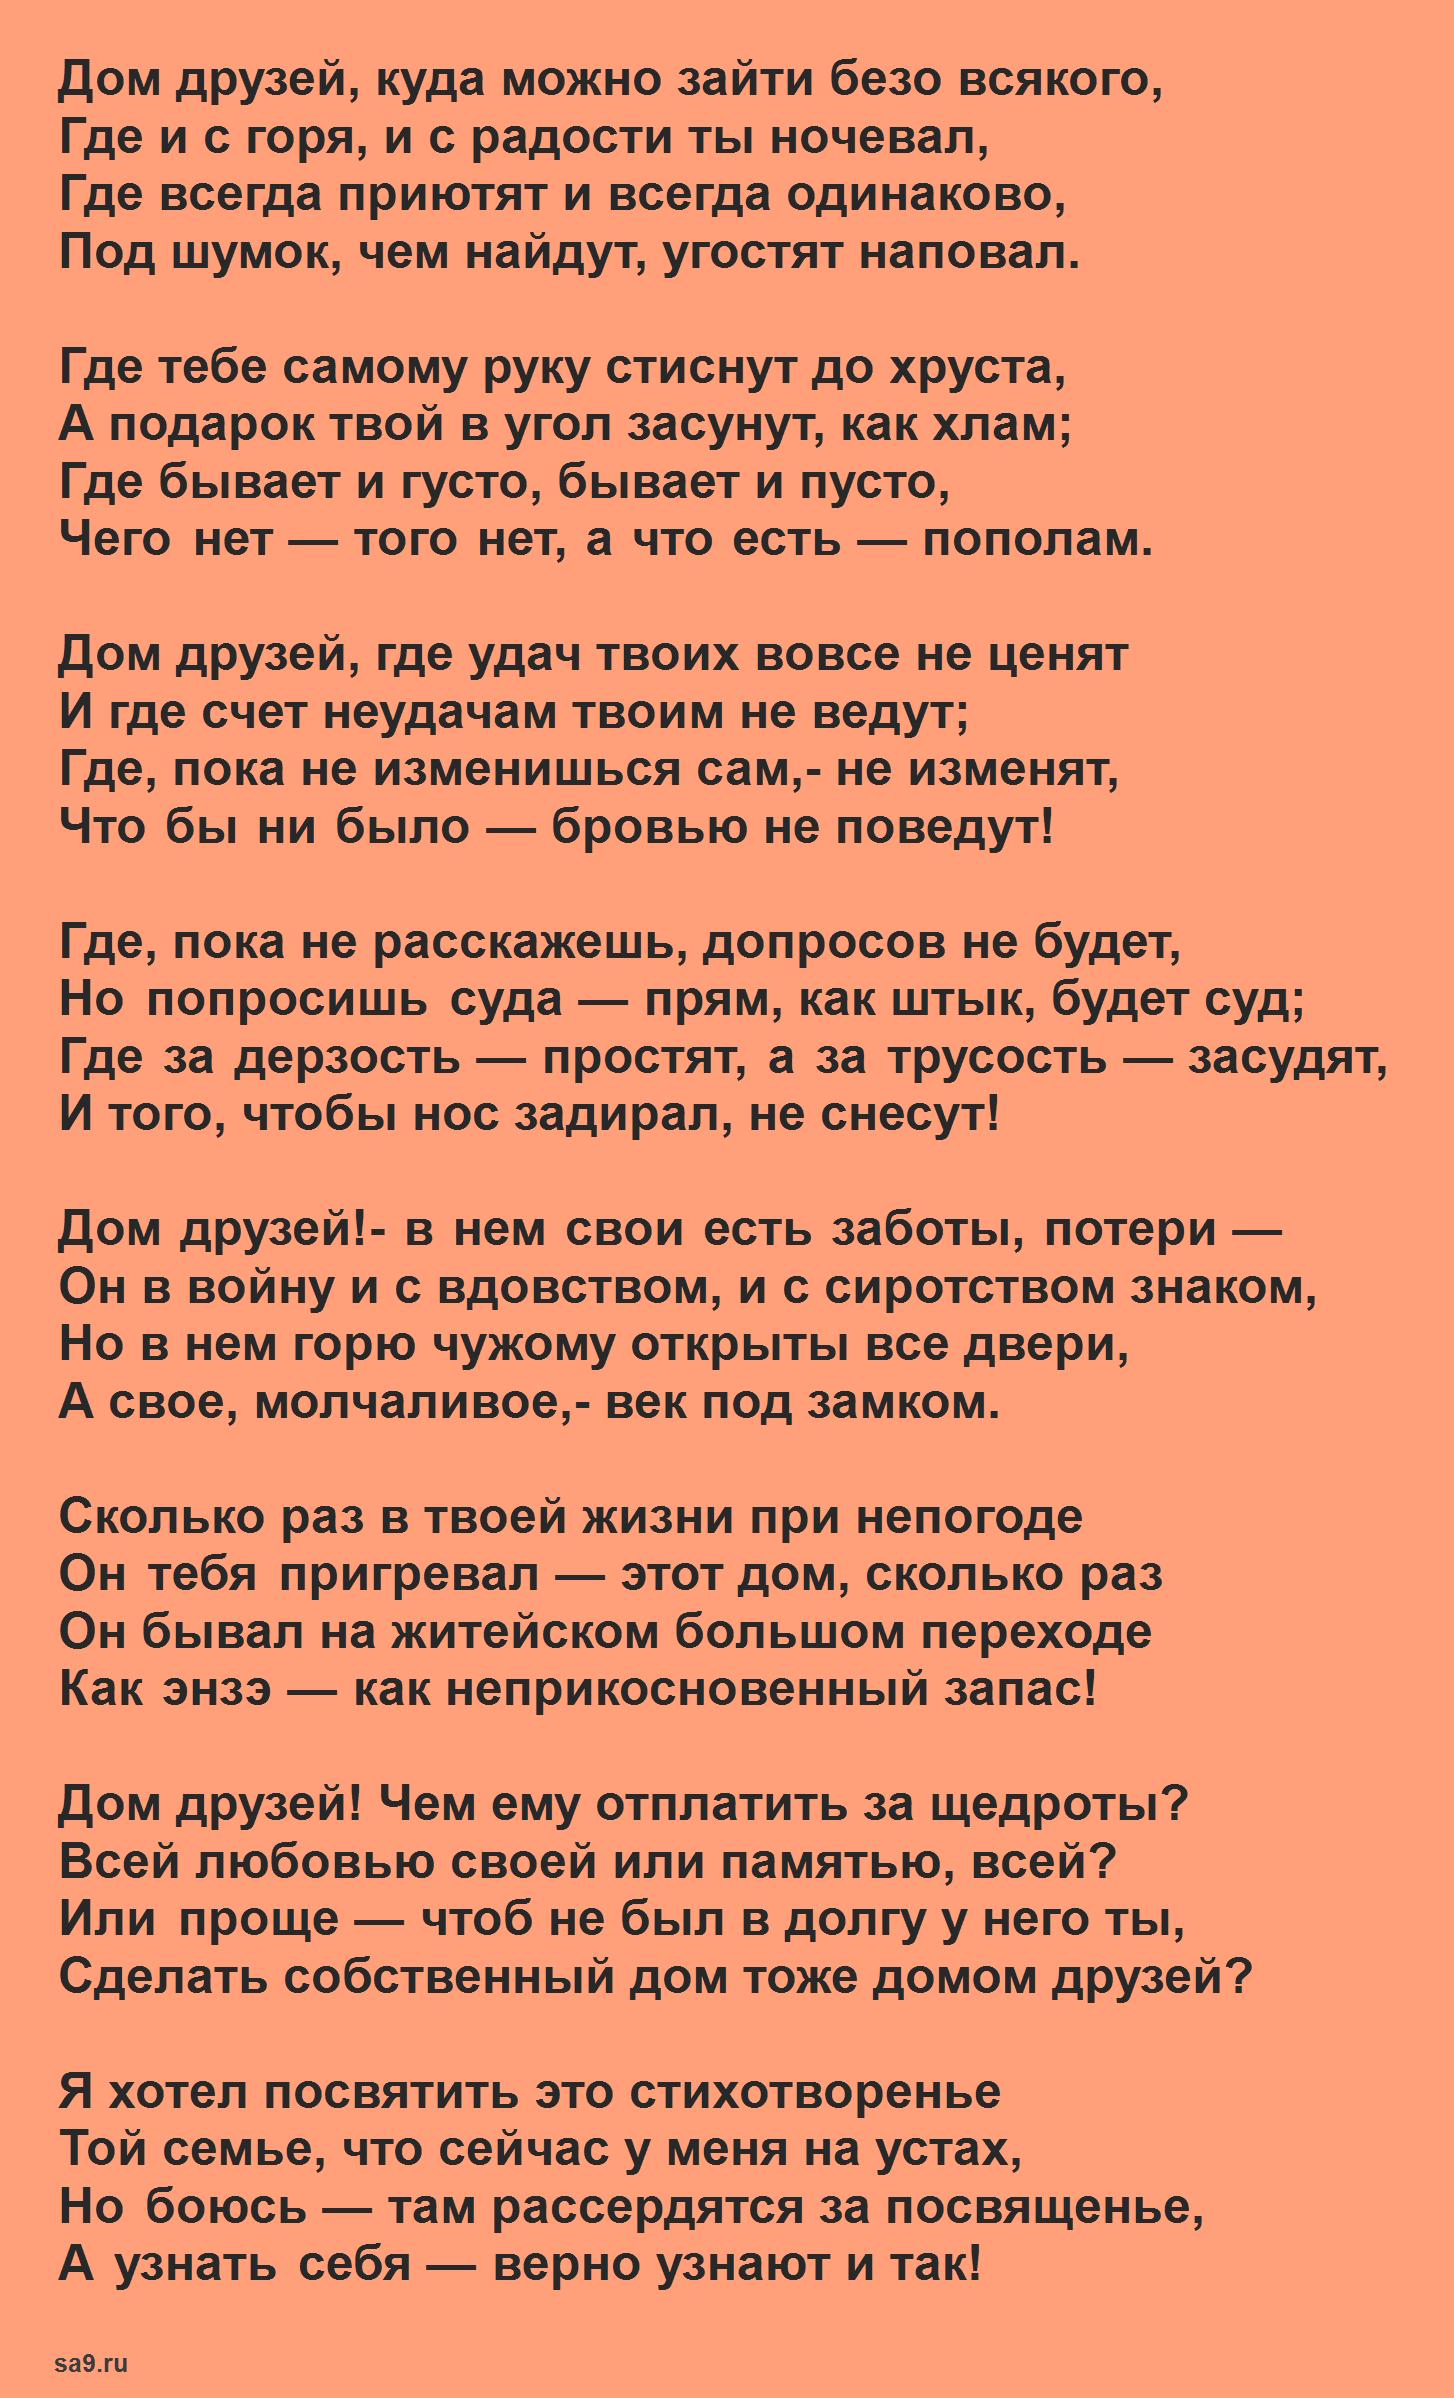 Стихи Симонова - Дом друзей